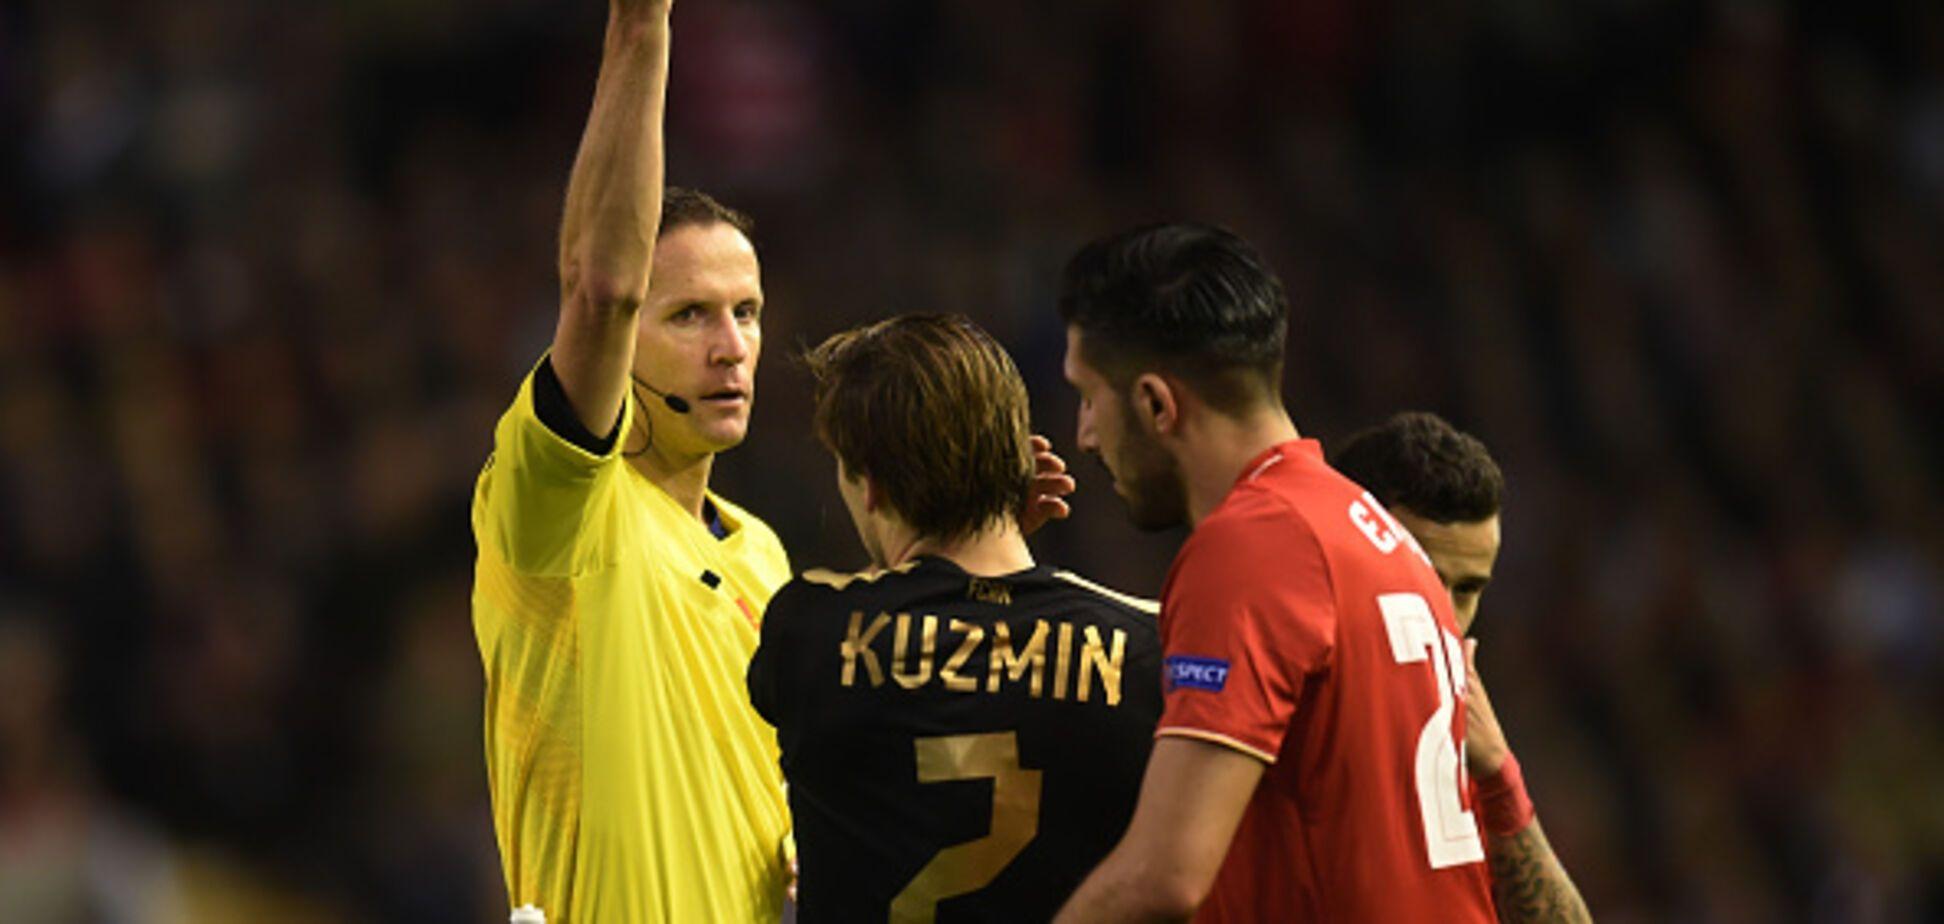 Официально: УЕФА выставил знаменитый российский клуб из еврокубков